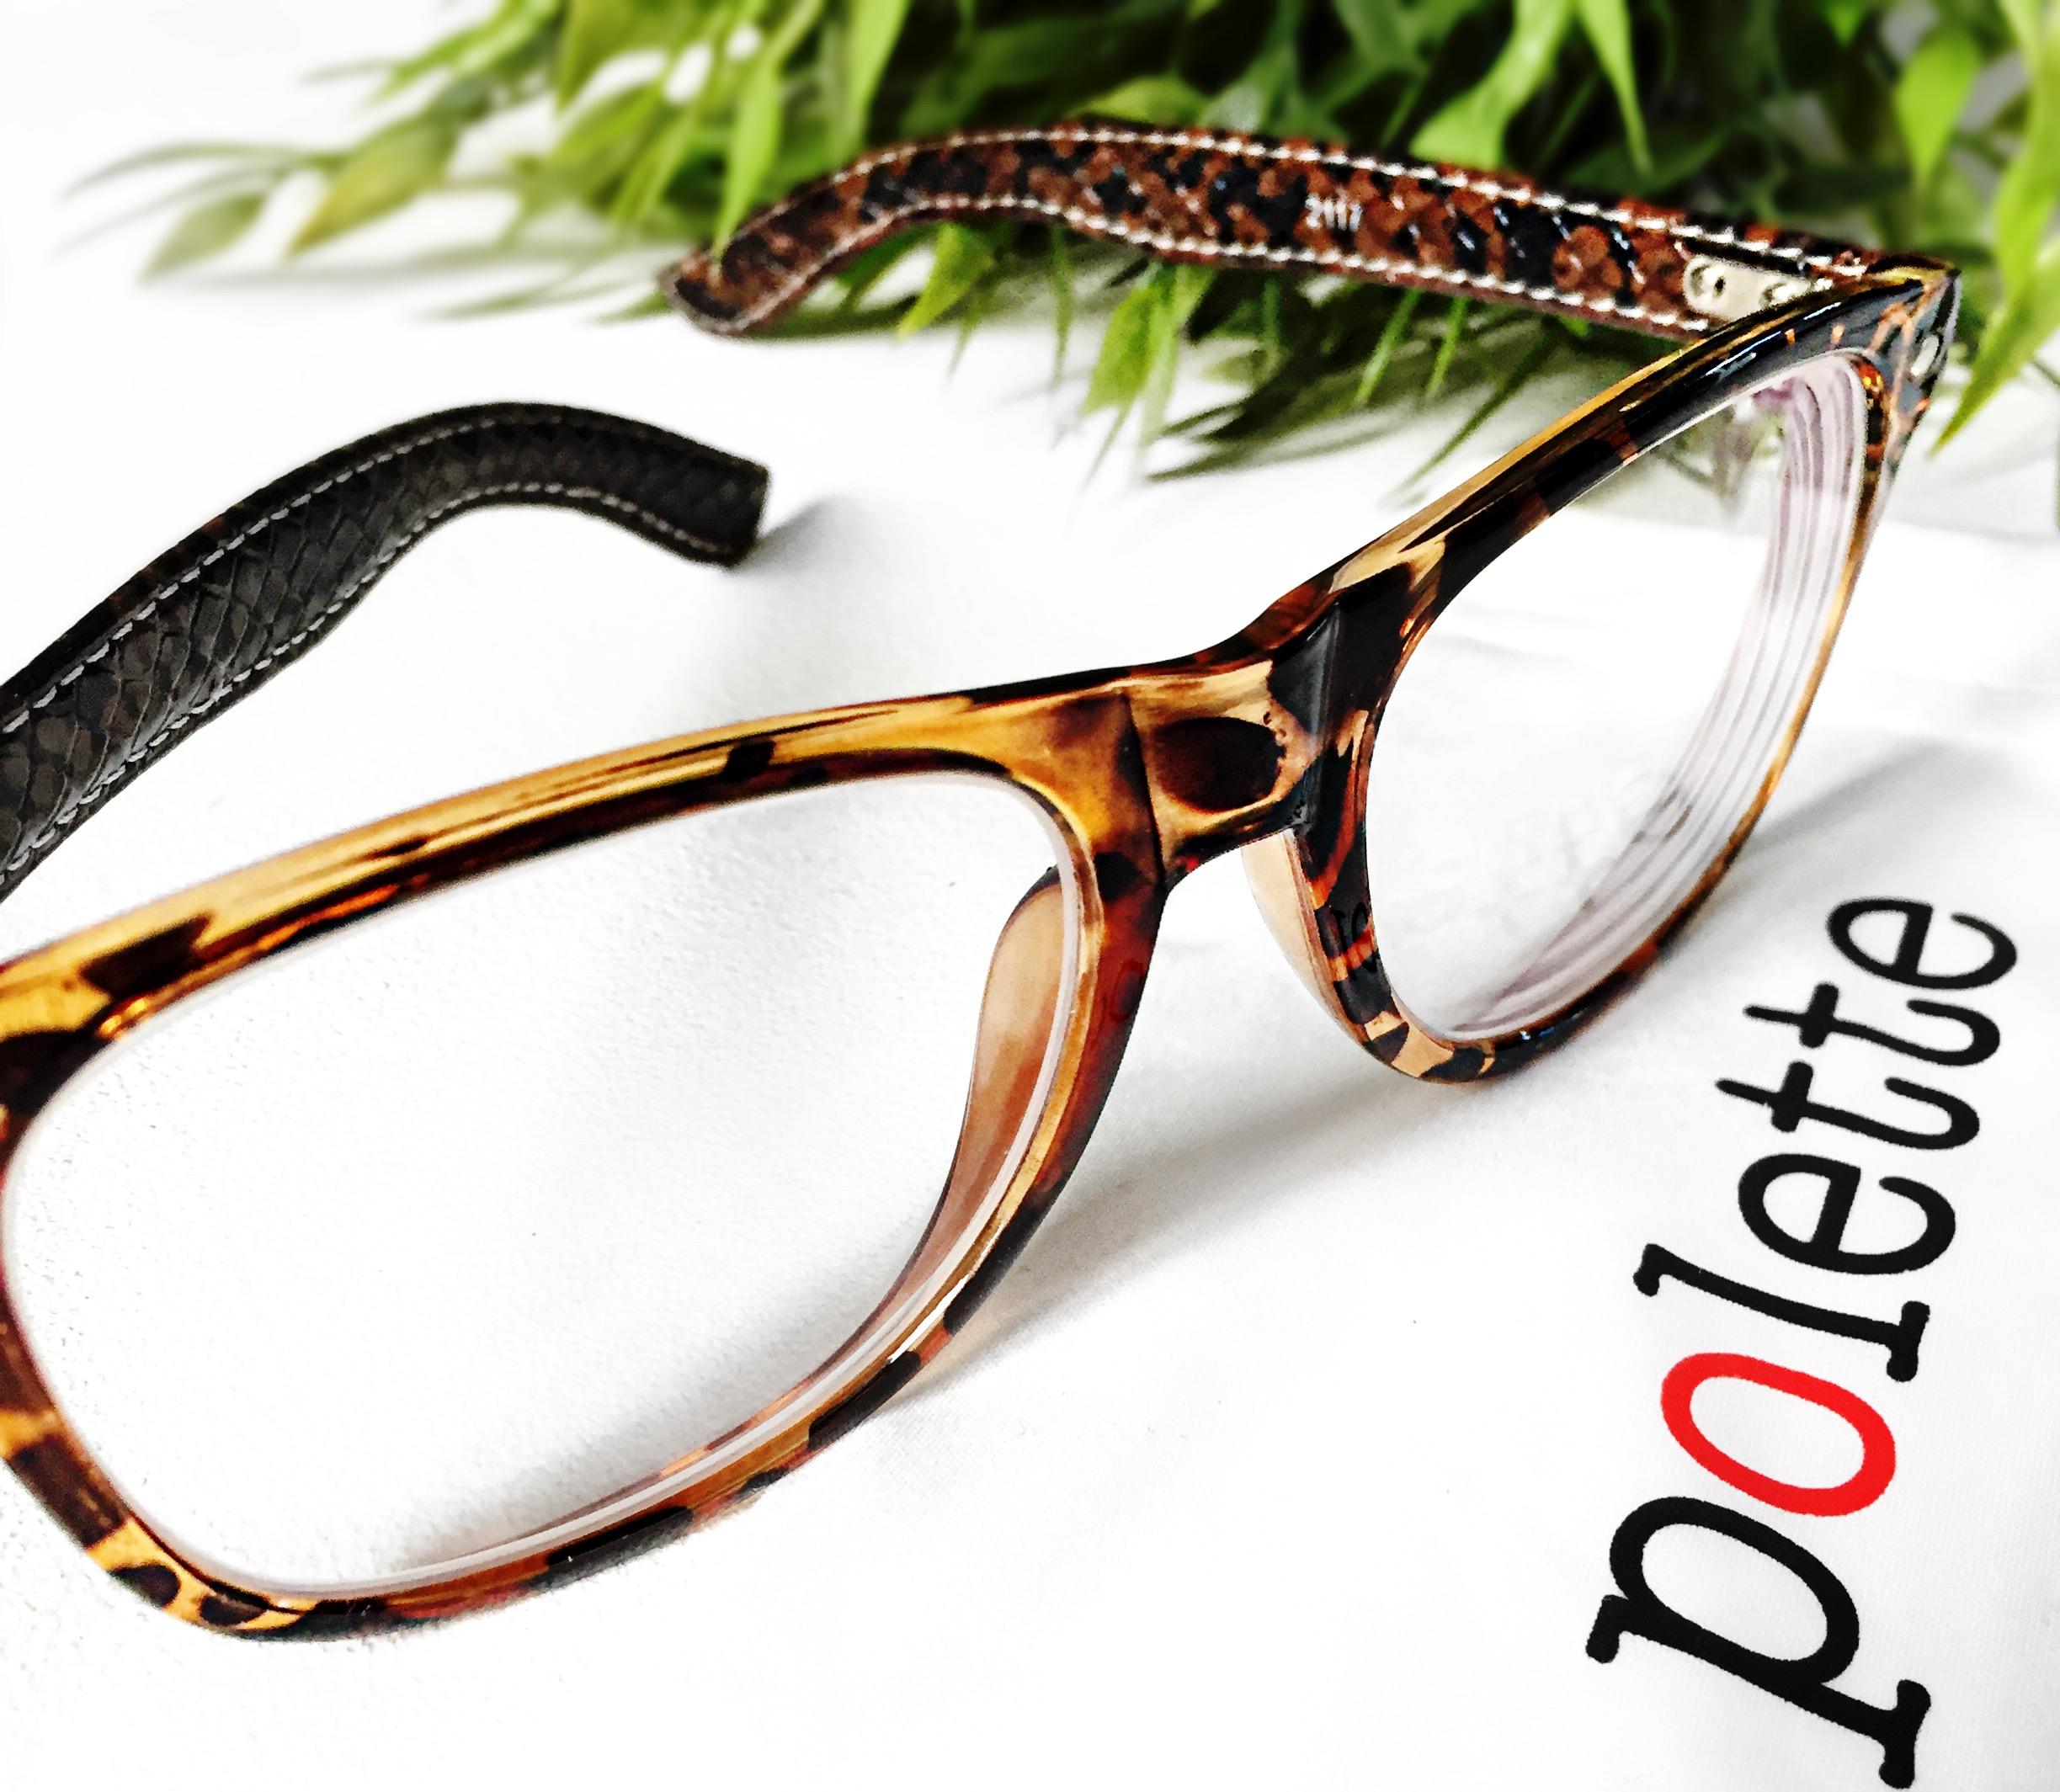 lunettes fashions pas cheres petits prix usine a lunettes afrolifedechacha9 afrolife de chacha. Black Bedroom Furniture Sets. Home Design Ideas